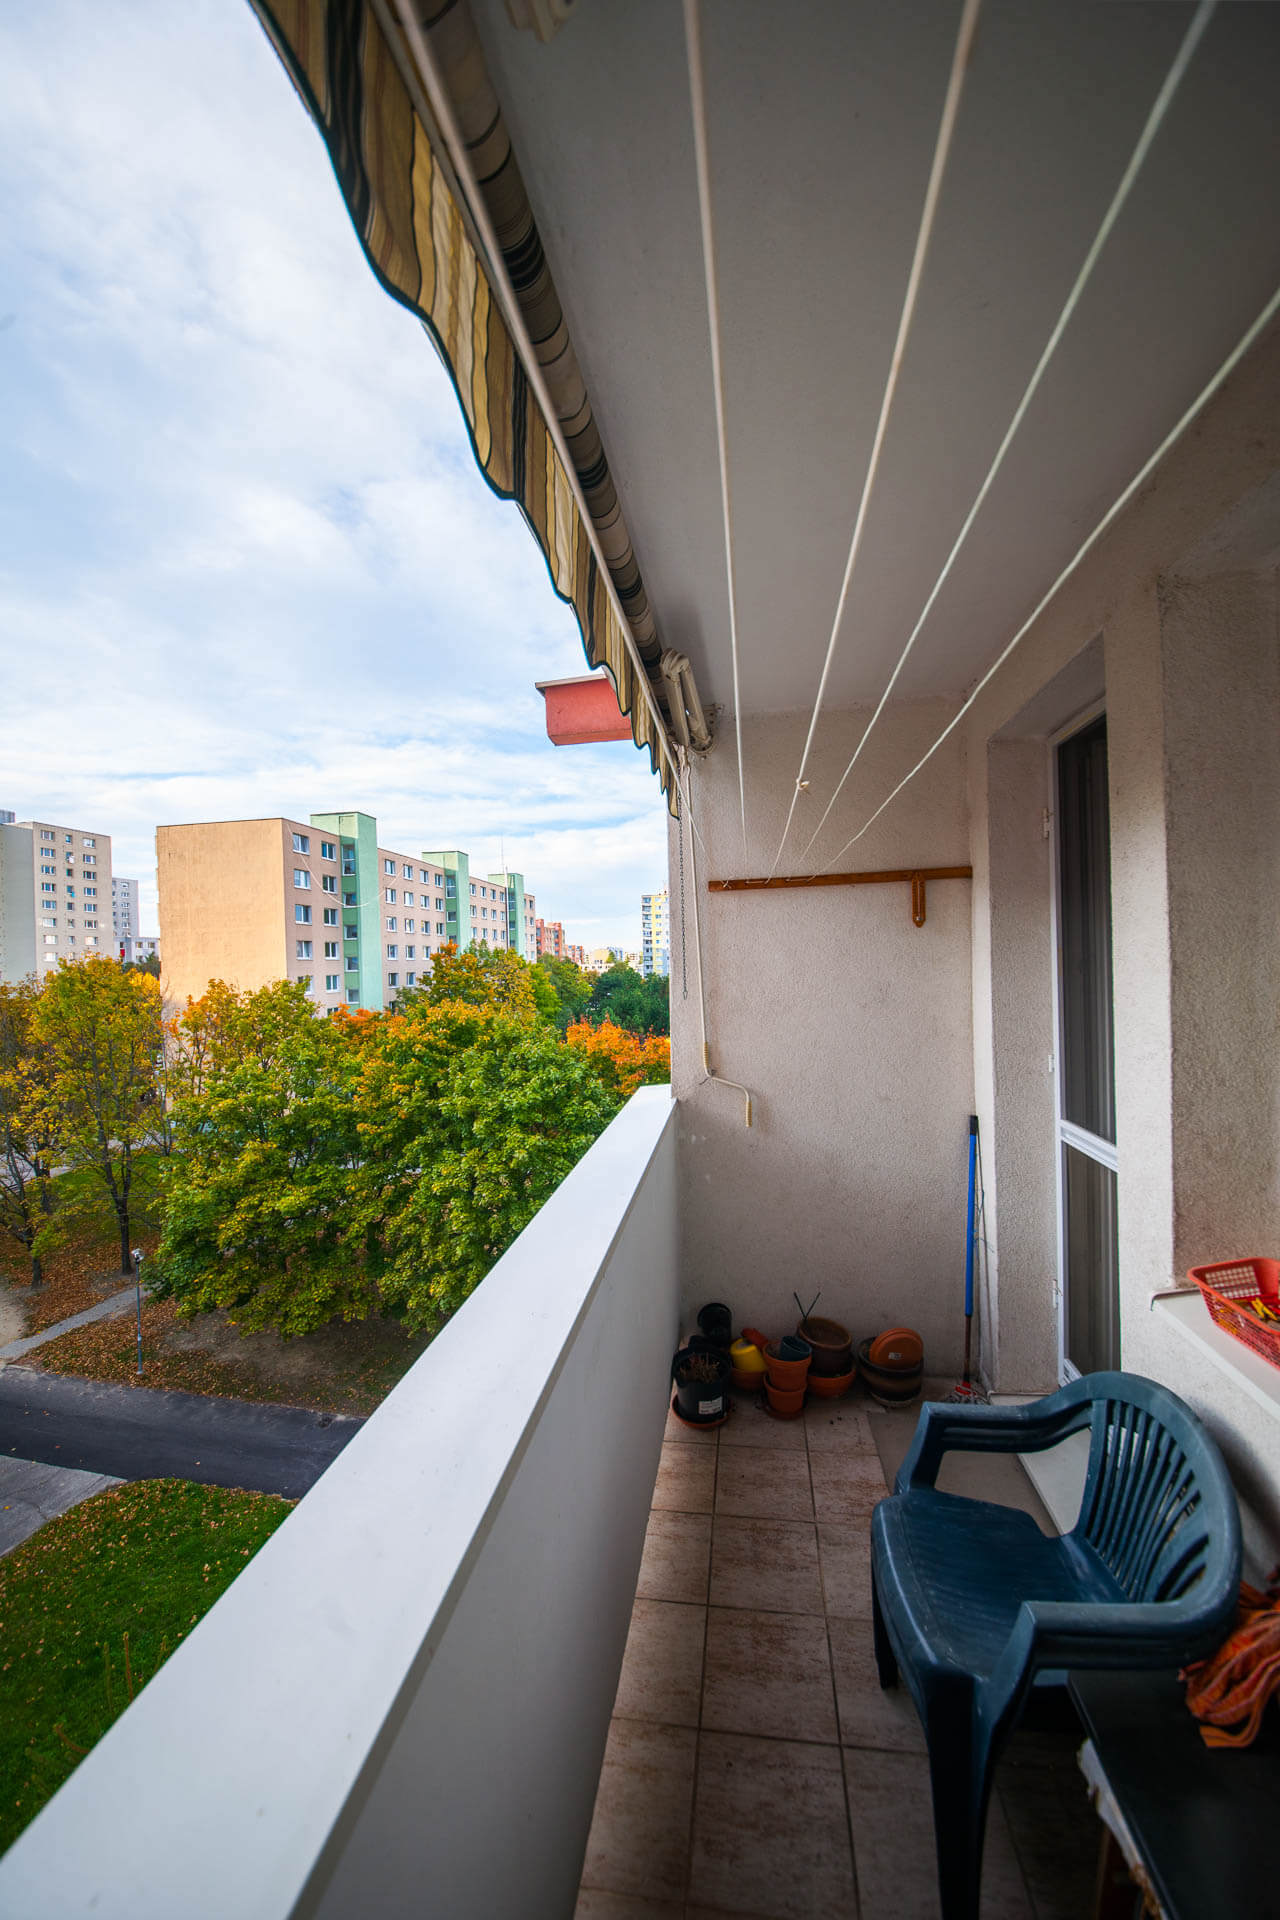 Predané – 4 izbový byt po čiastočnej rekonštrukcii s krásnym výhľadom 73m2 + 4m2 loggia-10